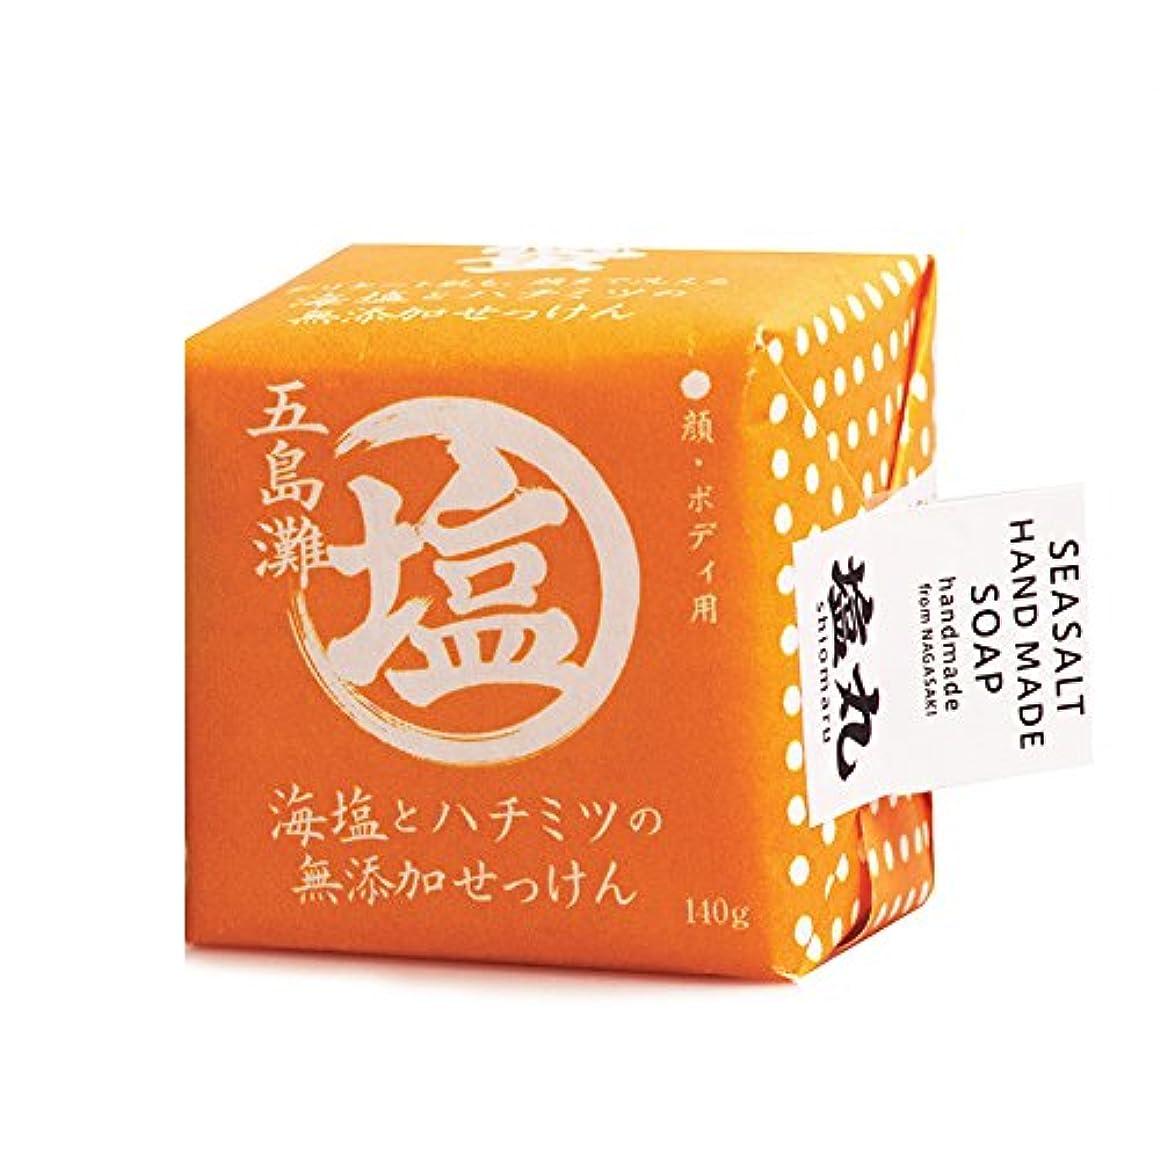 オーバードロー口サラダ(塩丸)にがり入海塩の無添加せっけん/蜂蜜